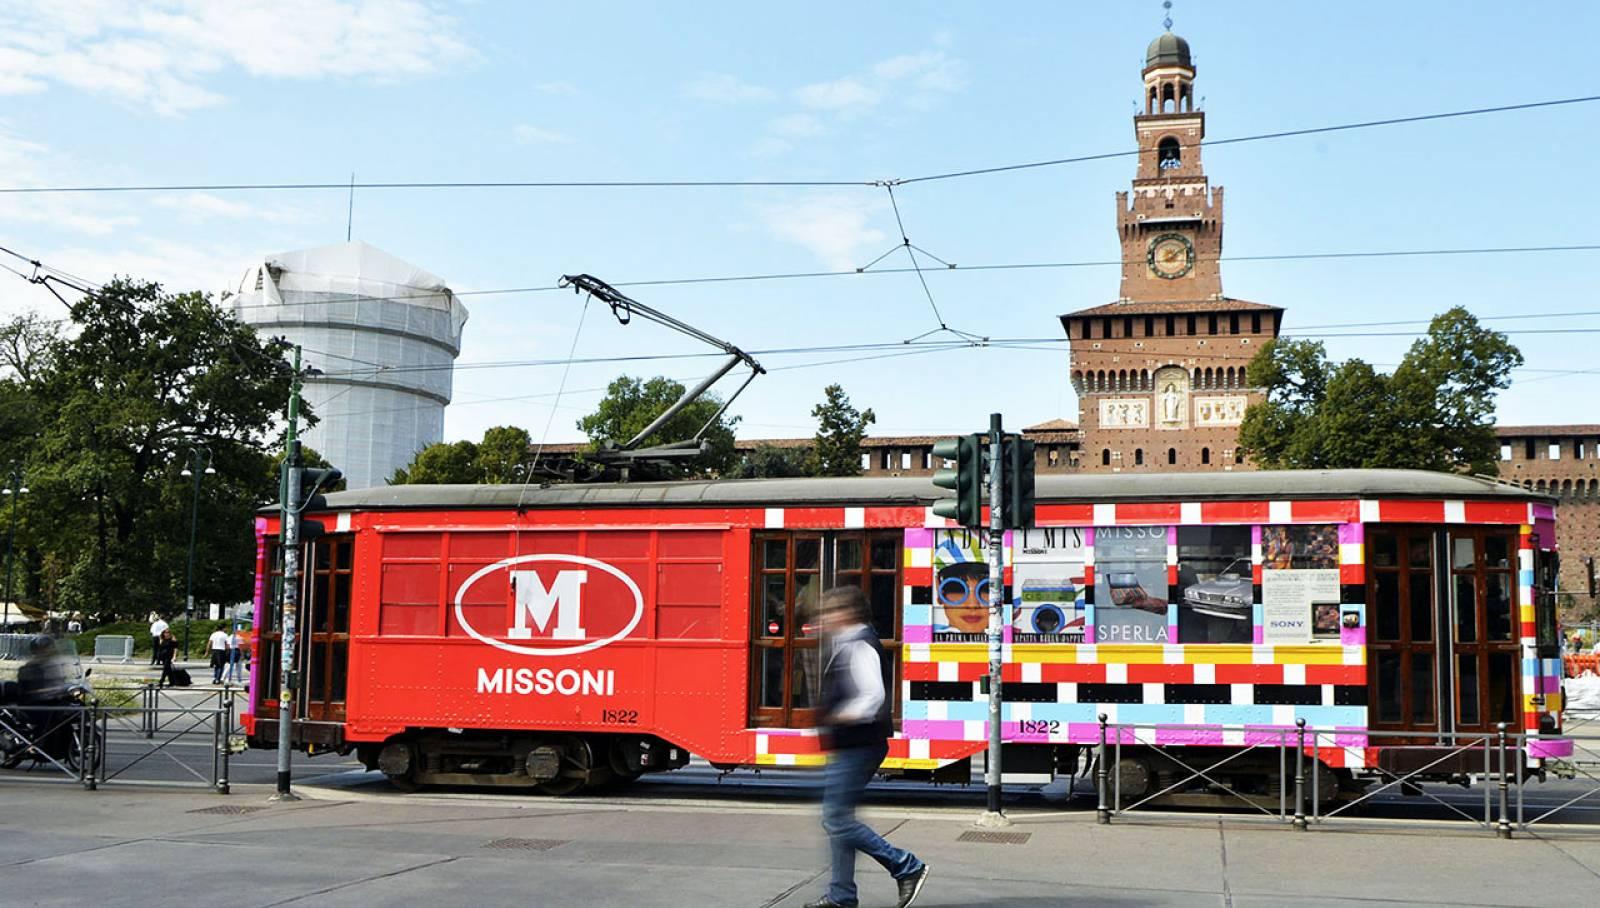 OOH advertising a Milano tram decorato IGPDecaux per M Missoni